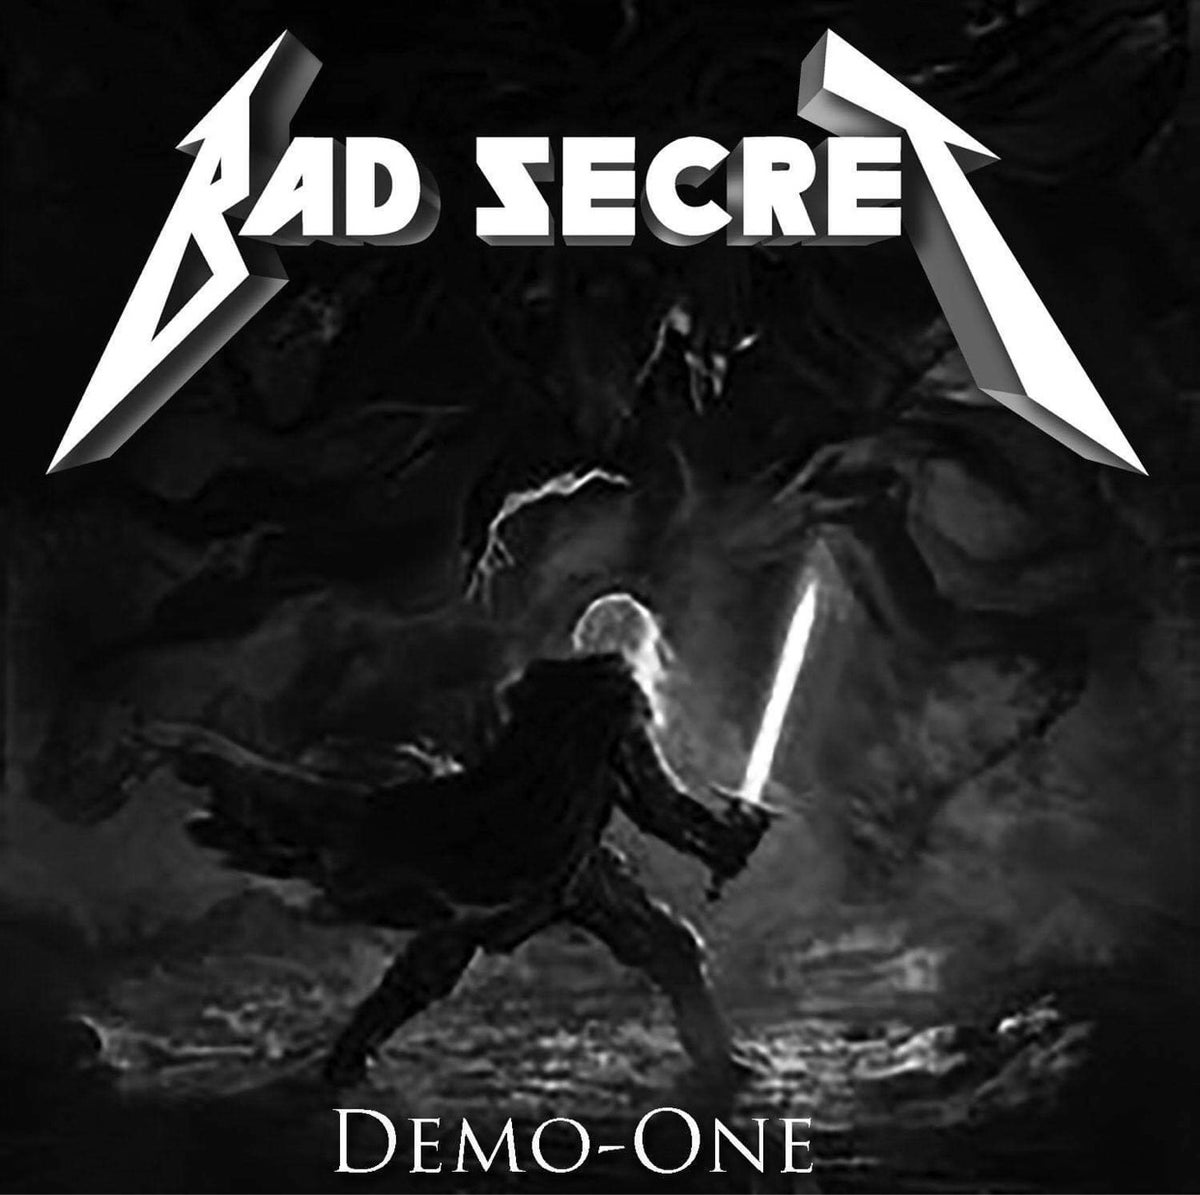 Image of Bad Secret - Demo One Cd or Cassette